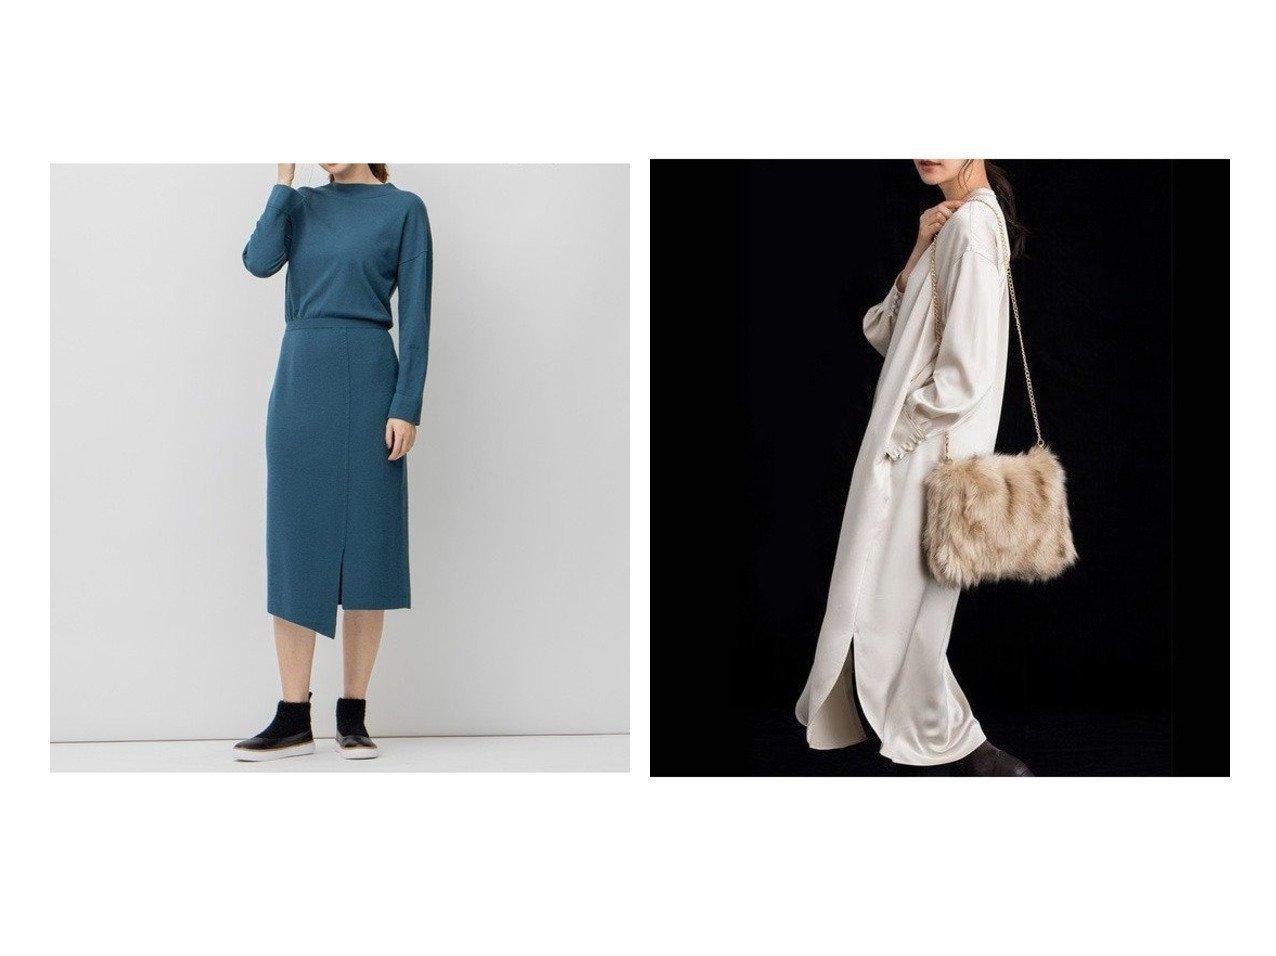 【JIYU-KU/自由区】の【UNFILO】レーヨンウール ニット ワンピース&【UNFILO・Sサイズ有】ドレープサテン シャツワンピース ワンピース・ドレスのおすすめ!人気、トレンド・レディースファッションの通販 おすすめで人気の流行・トレンド、ファッションの通販商品 メンズファッション・キッズファッション・インテリア・家具・レディースファッション・服の通販 founy(ファニー) https://founy.com/ ファッション Fashion レディースファッション WOMEN ワンピース Dress ニットワンピース Knit Dresses シャツワンピース Shirt Dresses シンプル ストレッチ スリット ラップ 人気 抗菌 雑誌 ヴィンテージ カフス クラシック サテン ドレープ バランス フィット フラット フロント 羽織  ID:crp329100000009396